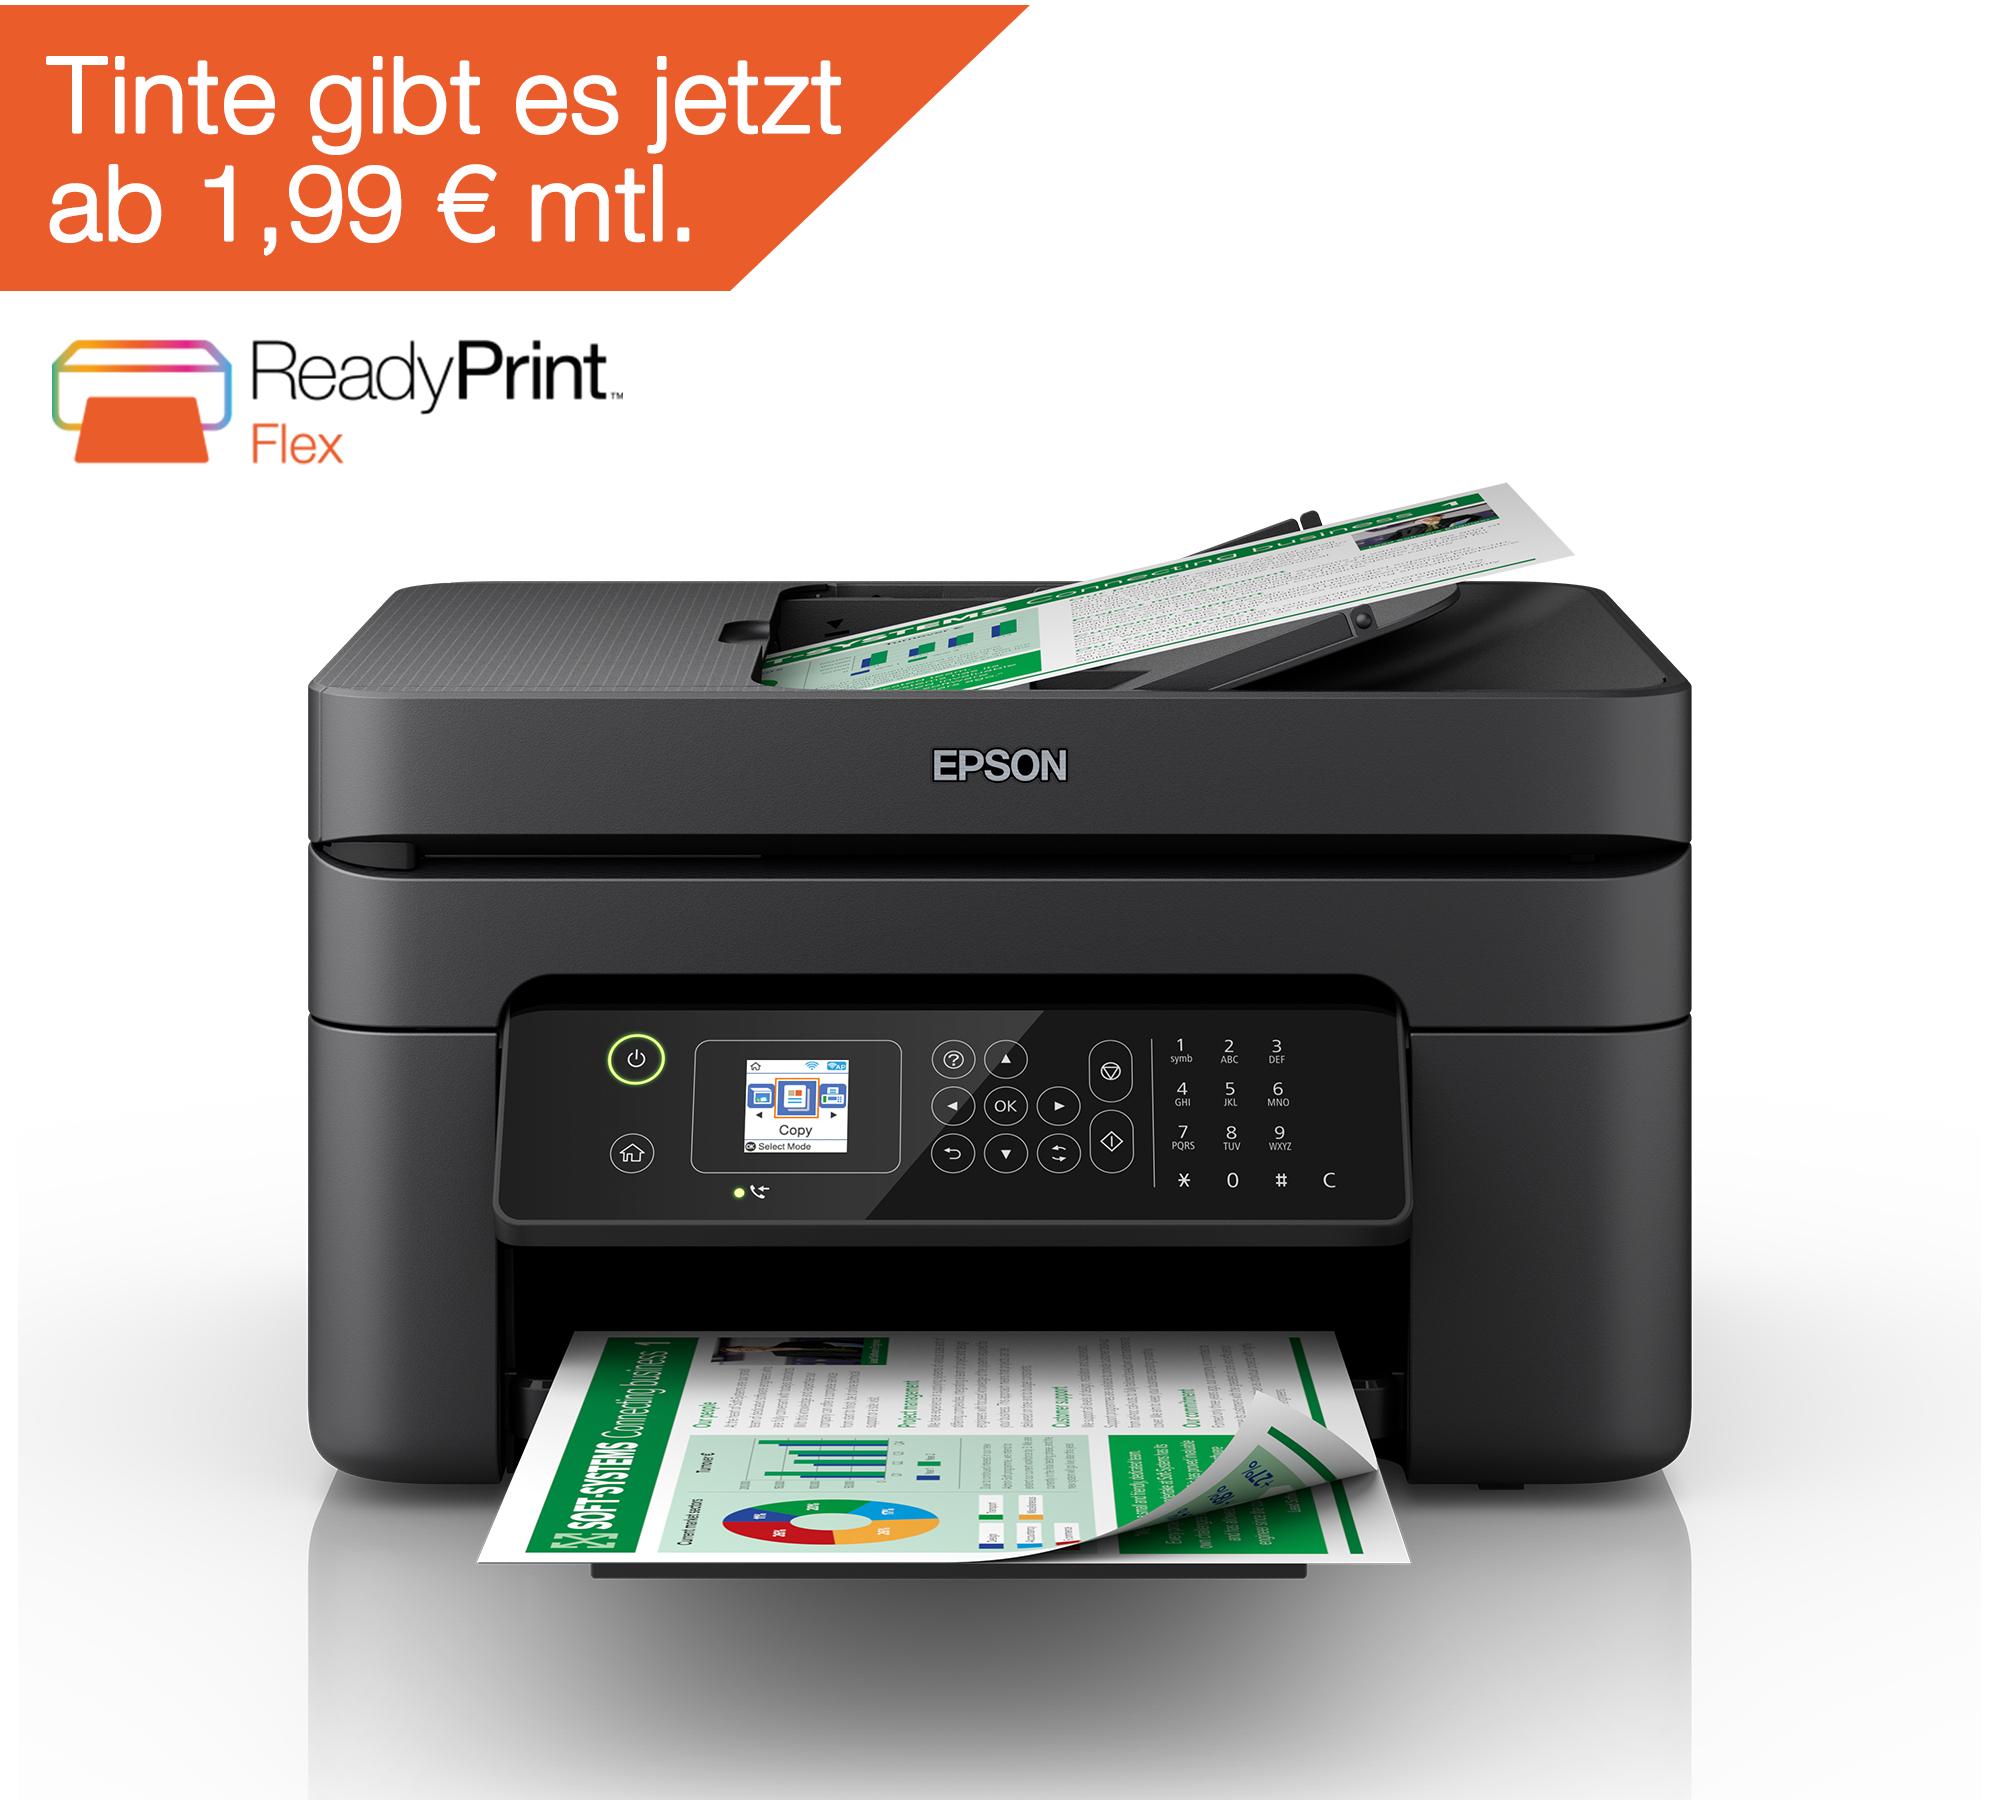 Epson WorkForce WF-2835DWF 4-in-1 Multifunktionsdrucker Tintenstrahldrucker